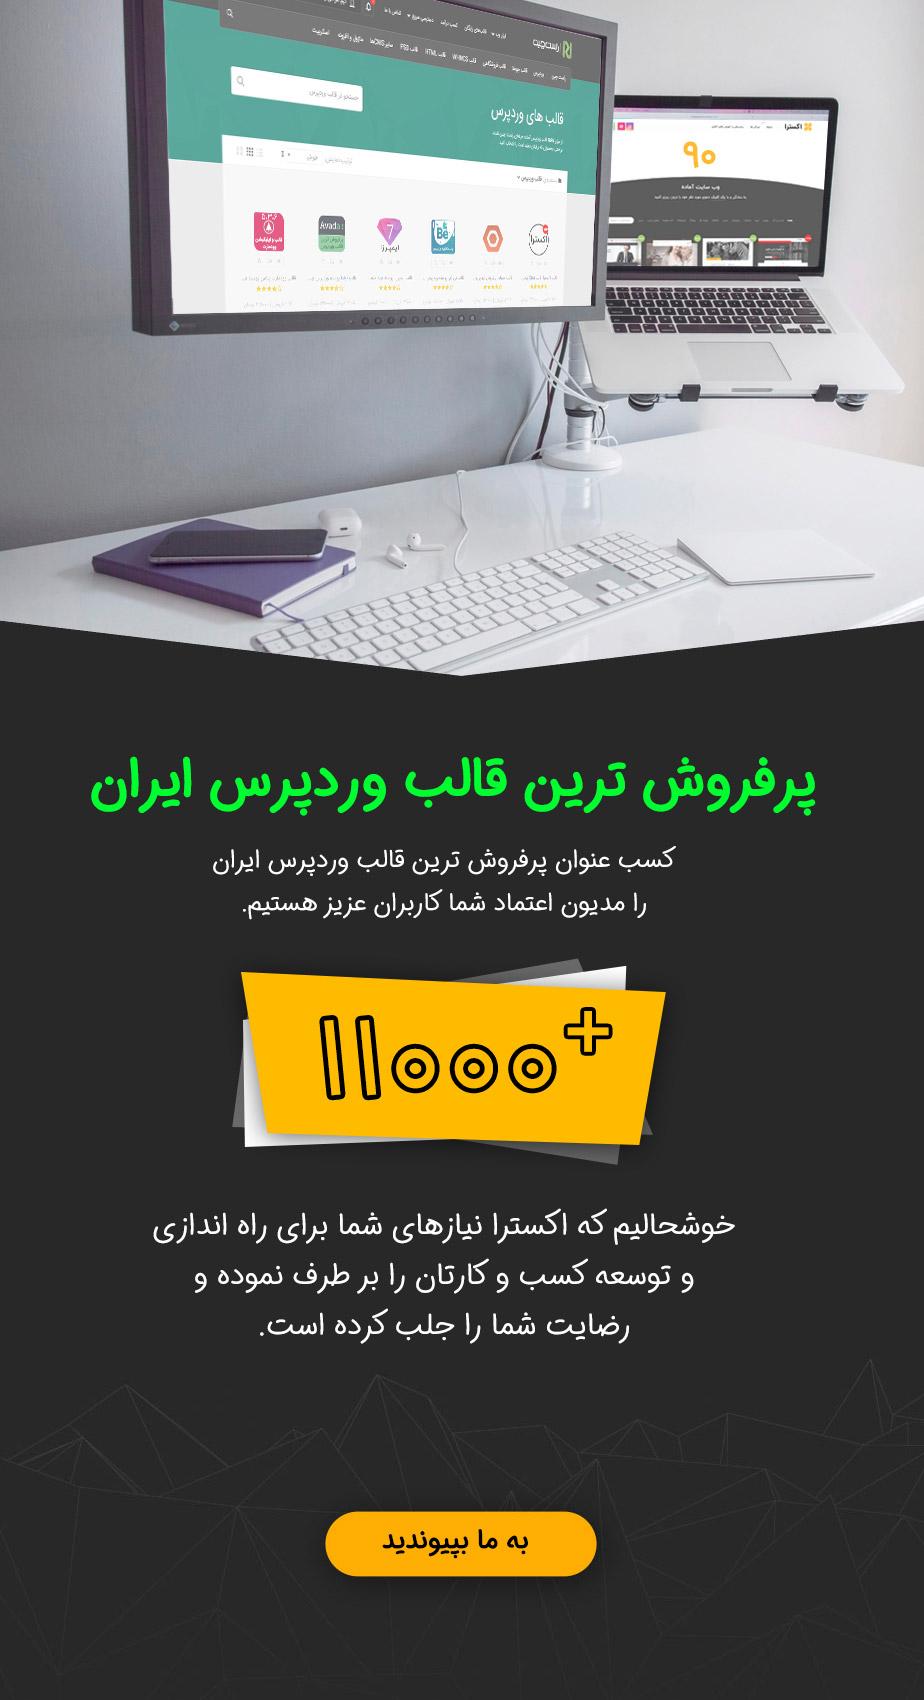 قالب اکسترا پرفروش ترین قالب وردپرس ایران